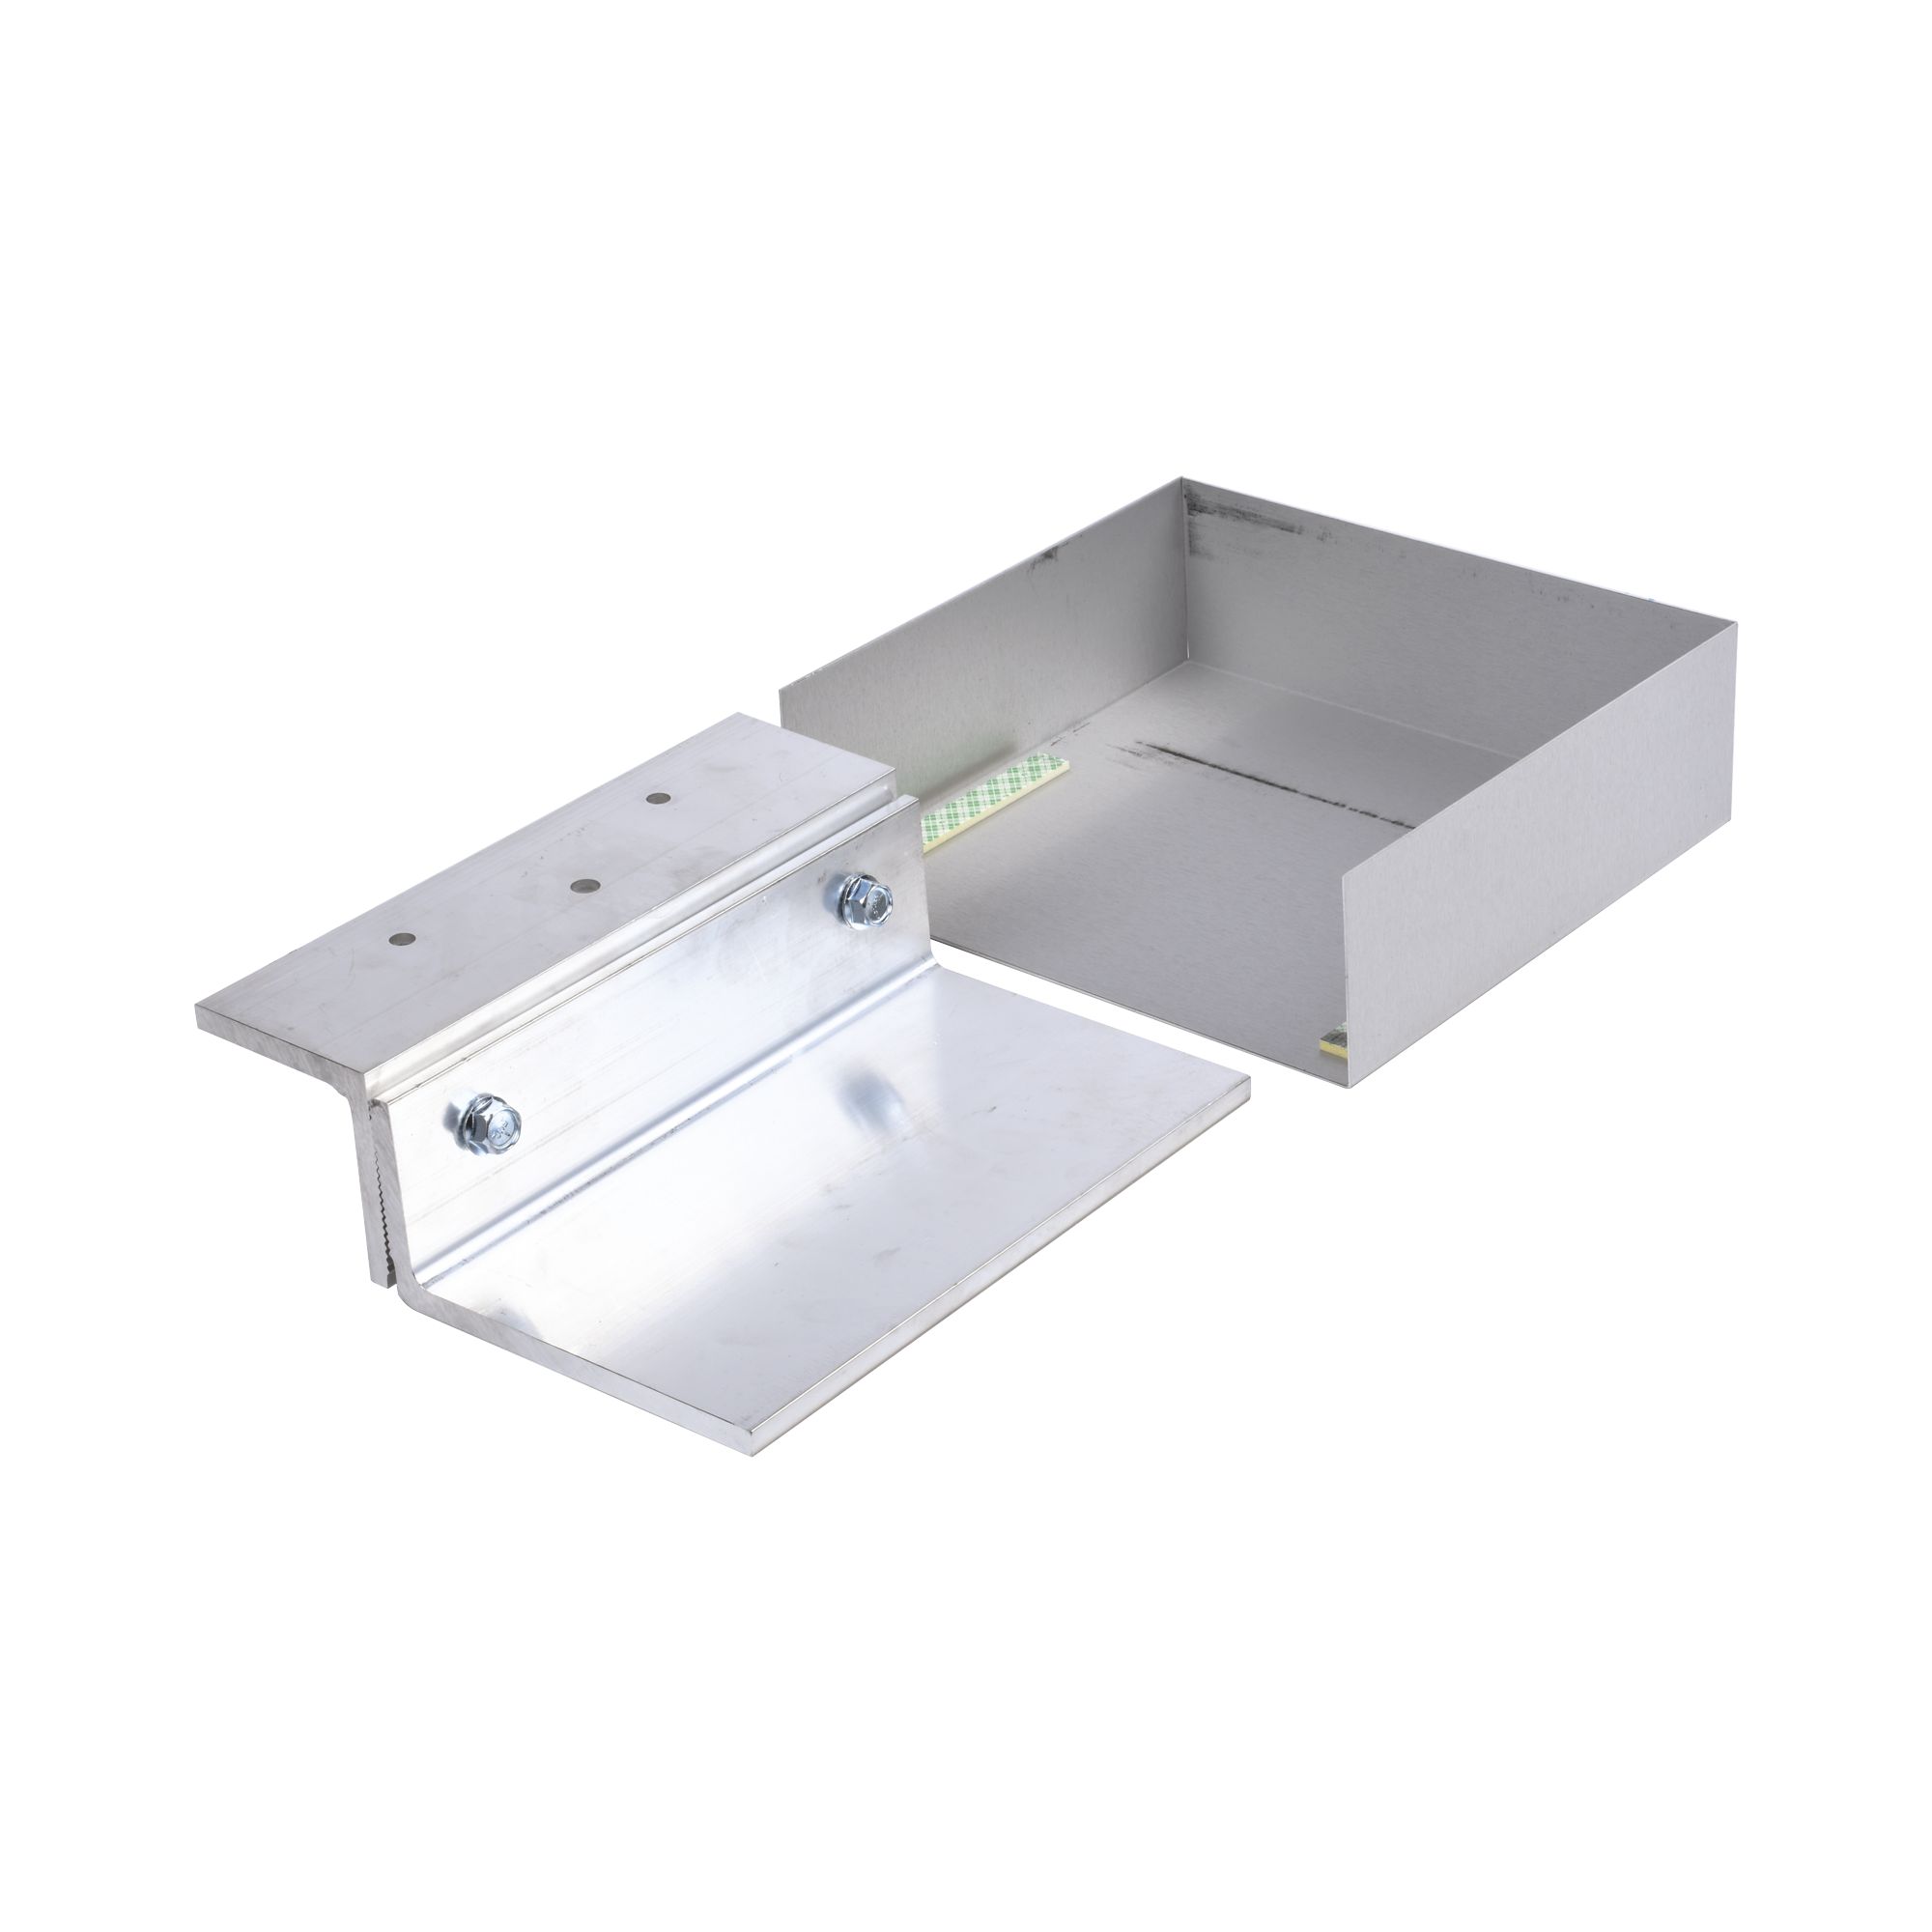 Kits de soporte ZA Z - Ajustable para Cerradura LP-M32, M32, M62